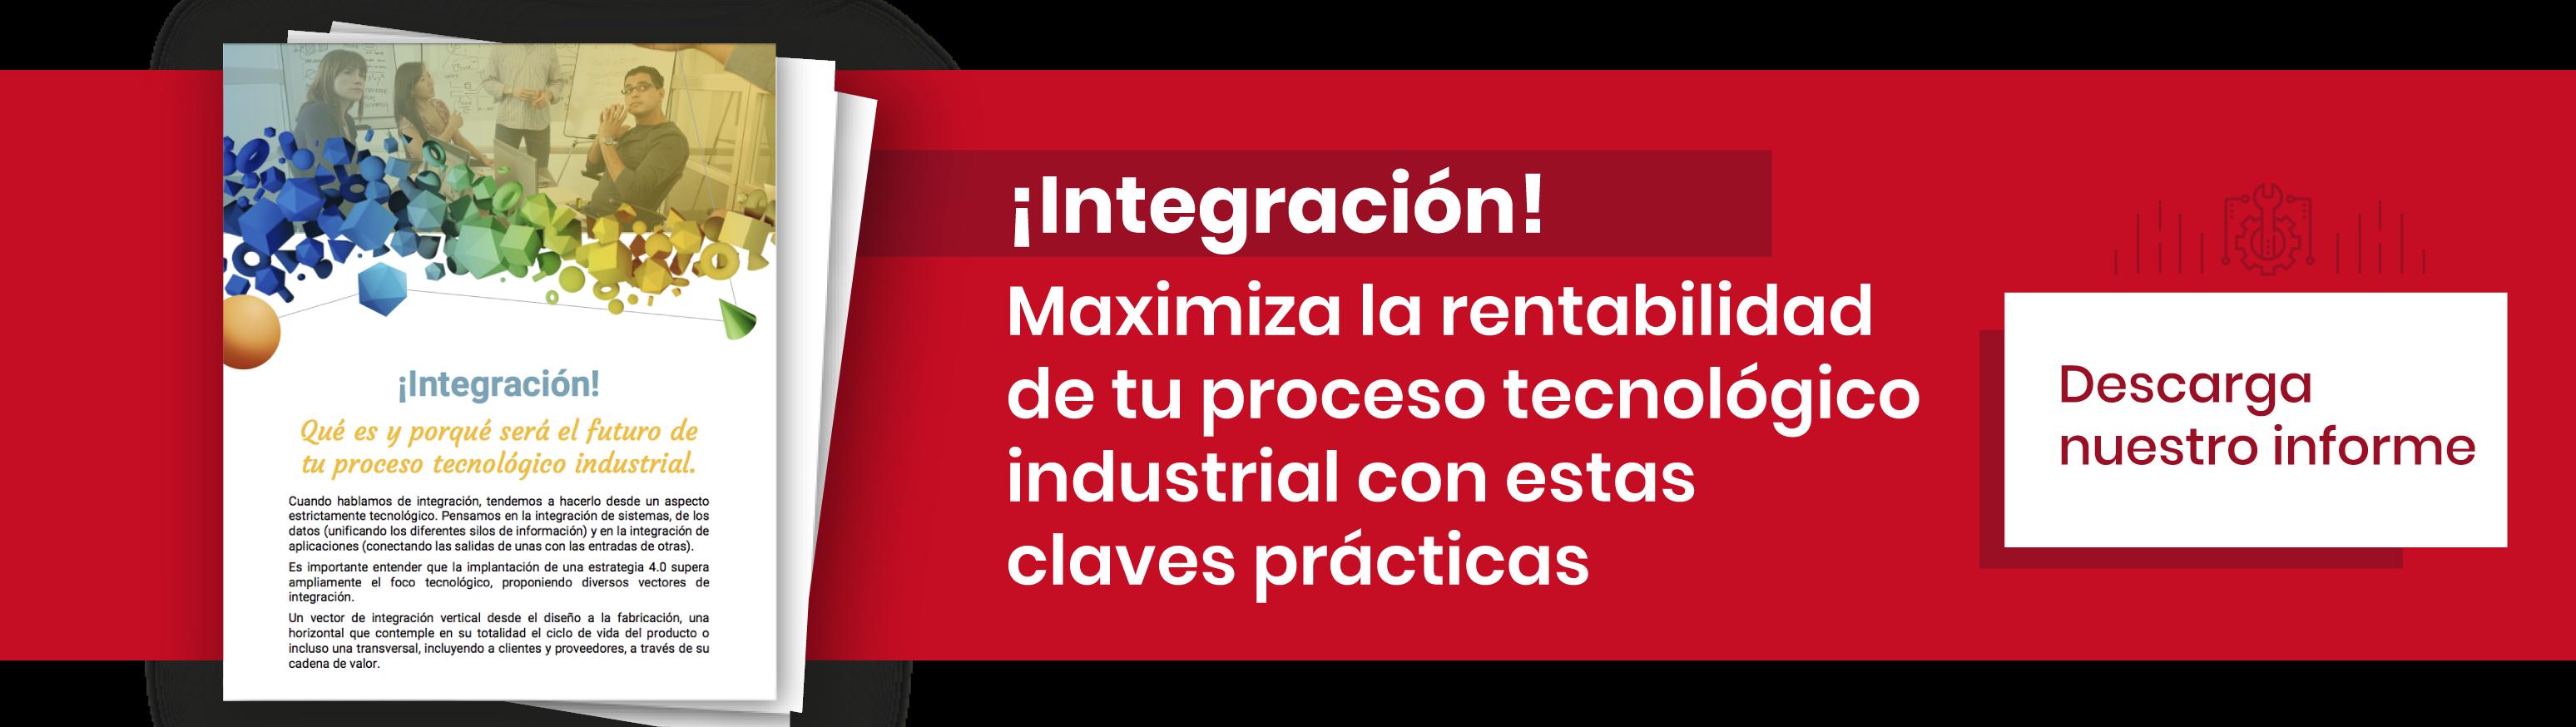 ¡Integración! Maximiza la rentabilidad de tu proceso tecnológico industrial con estas claves prácticas